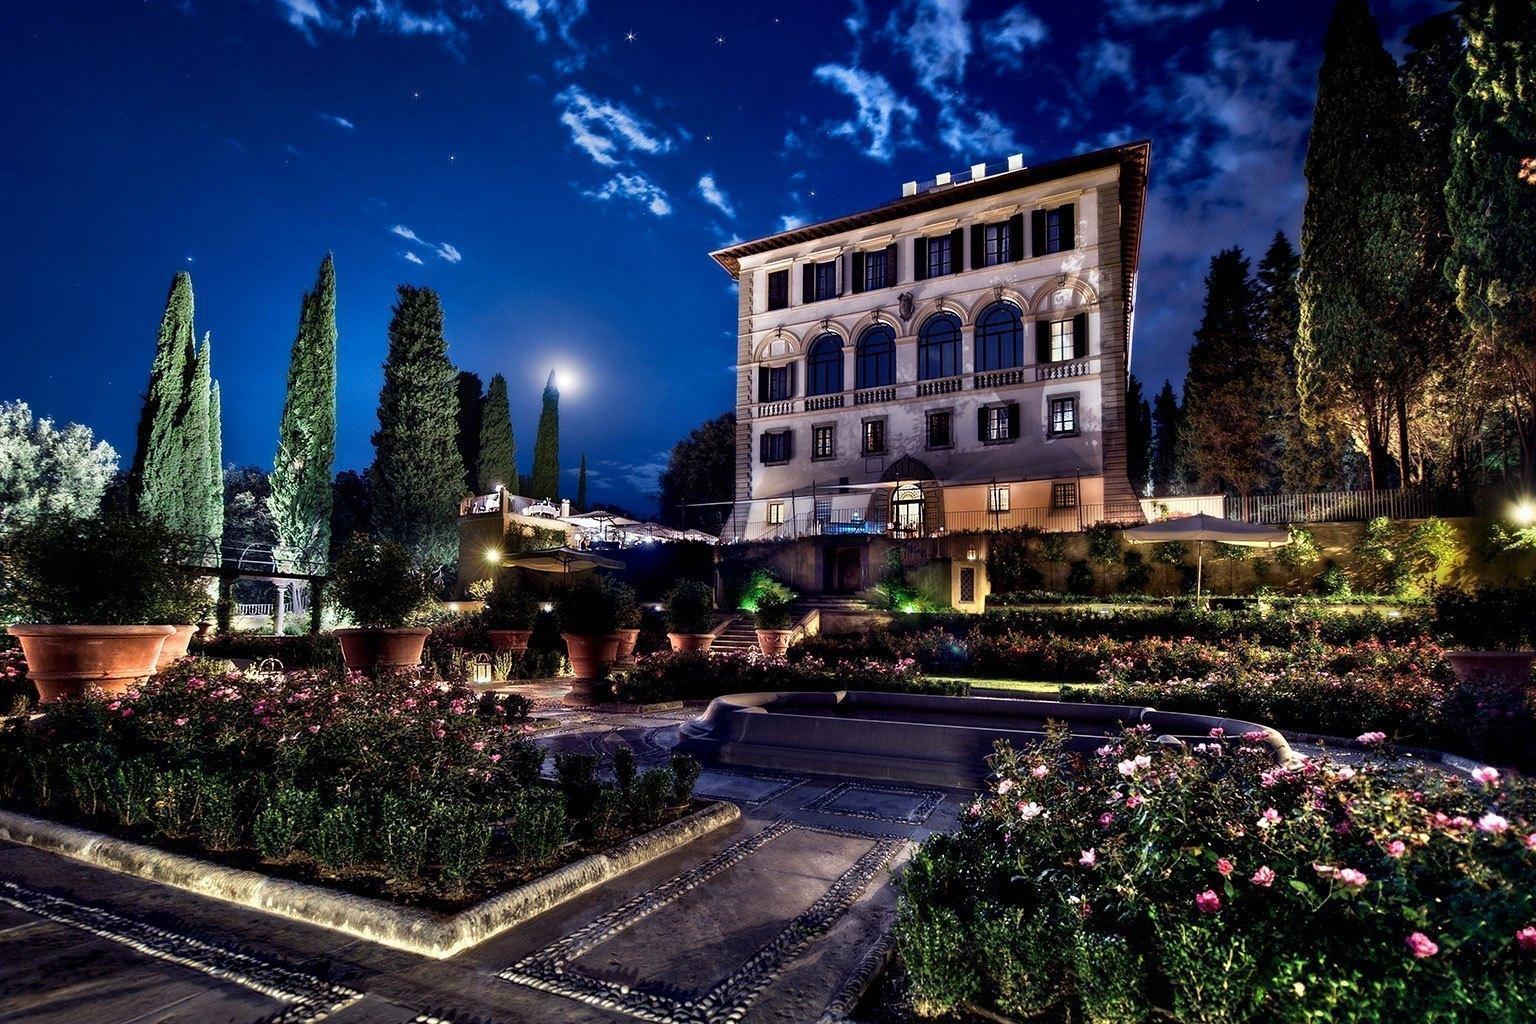 Il salviatino florenz luxushotels bei designreisen for Designhotel florenz